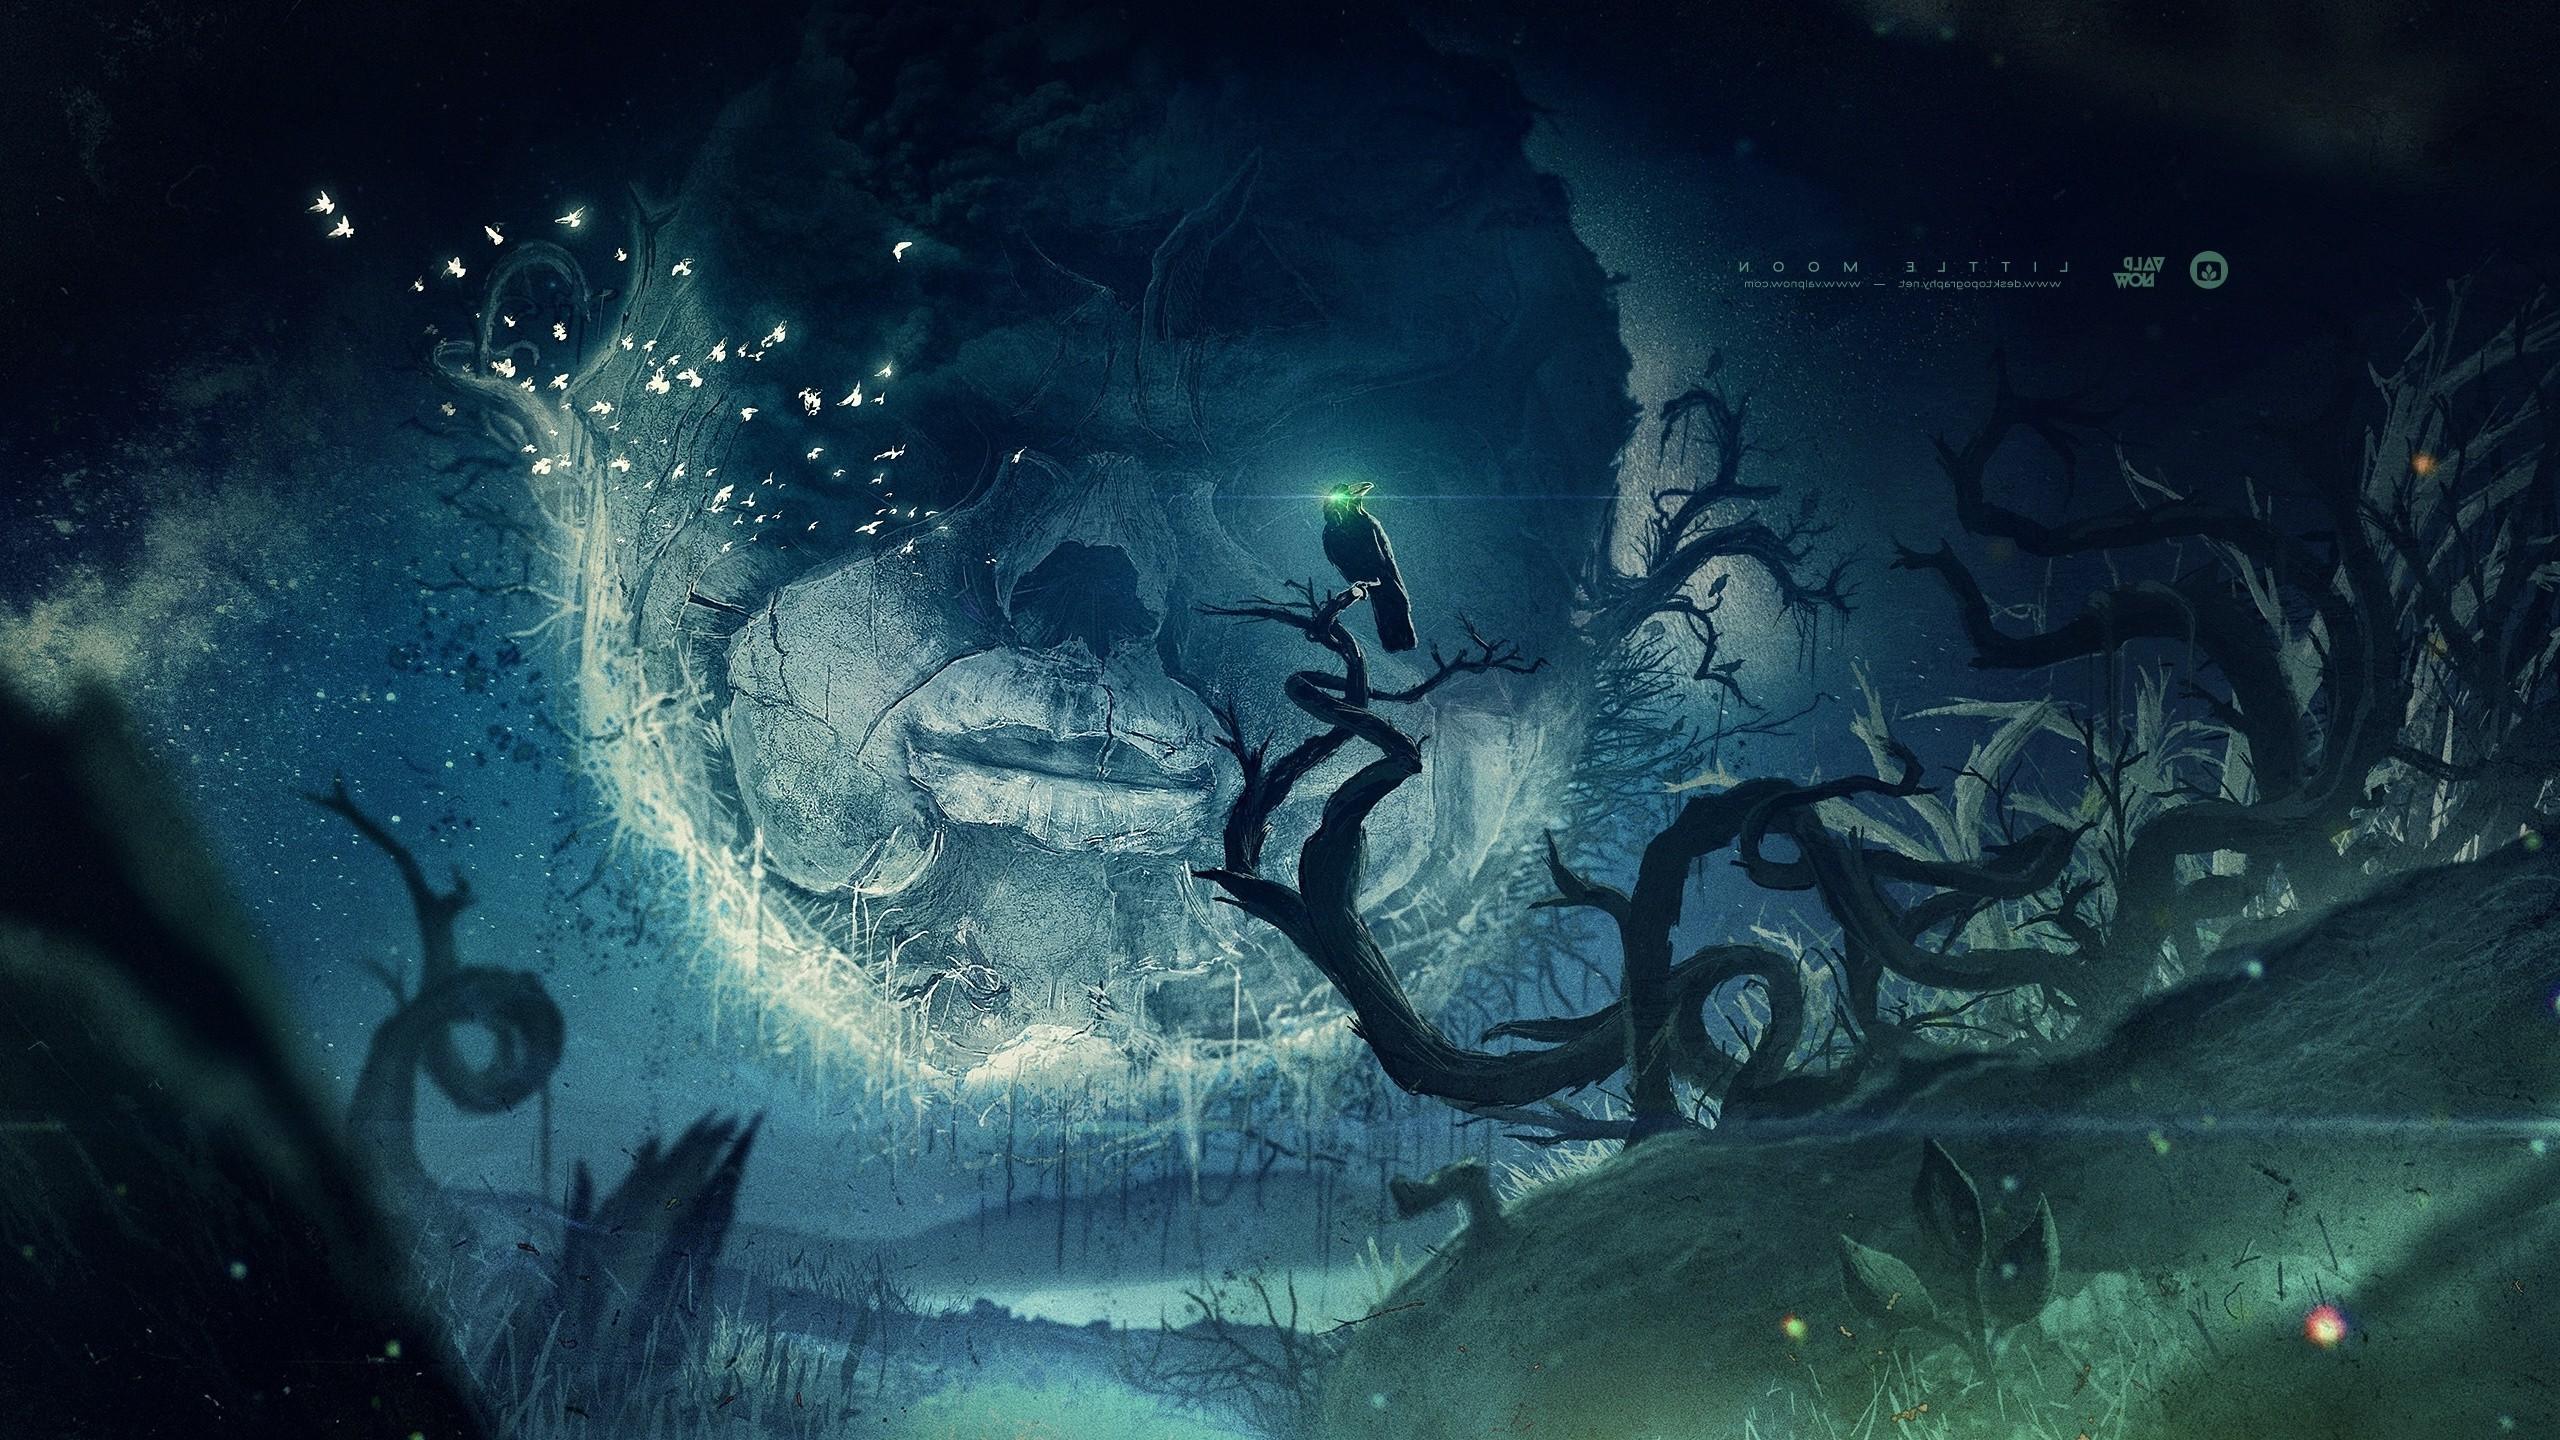 Wallpaper Face Illustration Fantasy Art Moon Mist